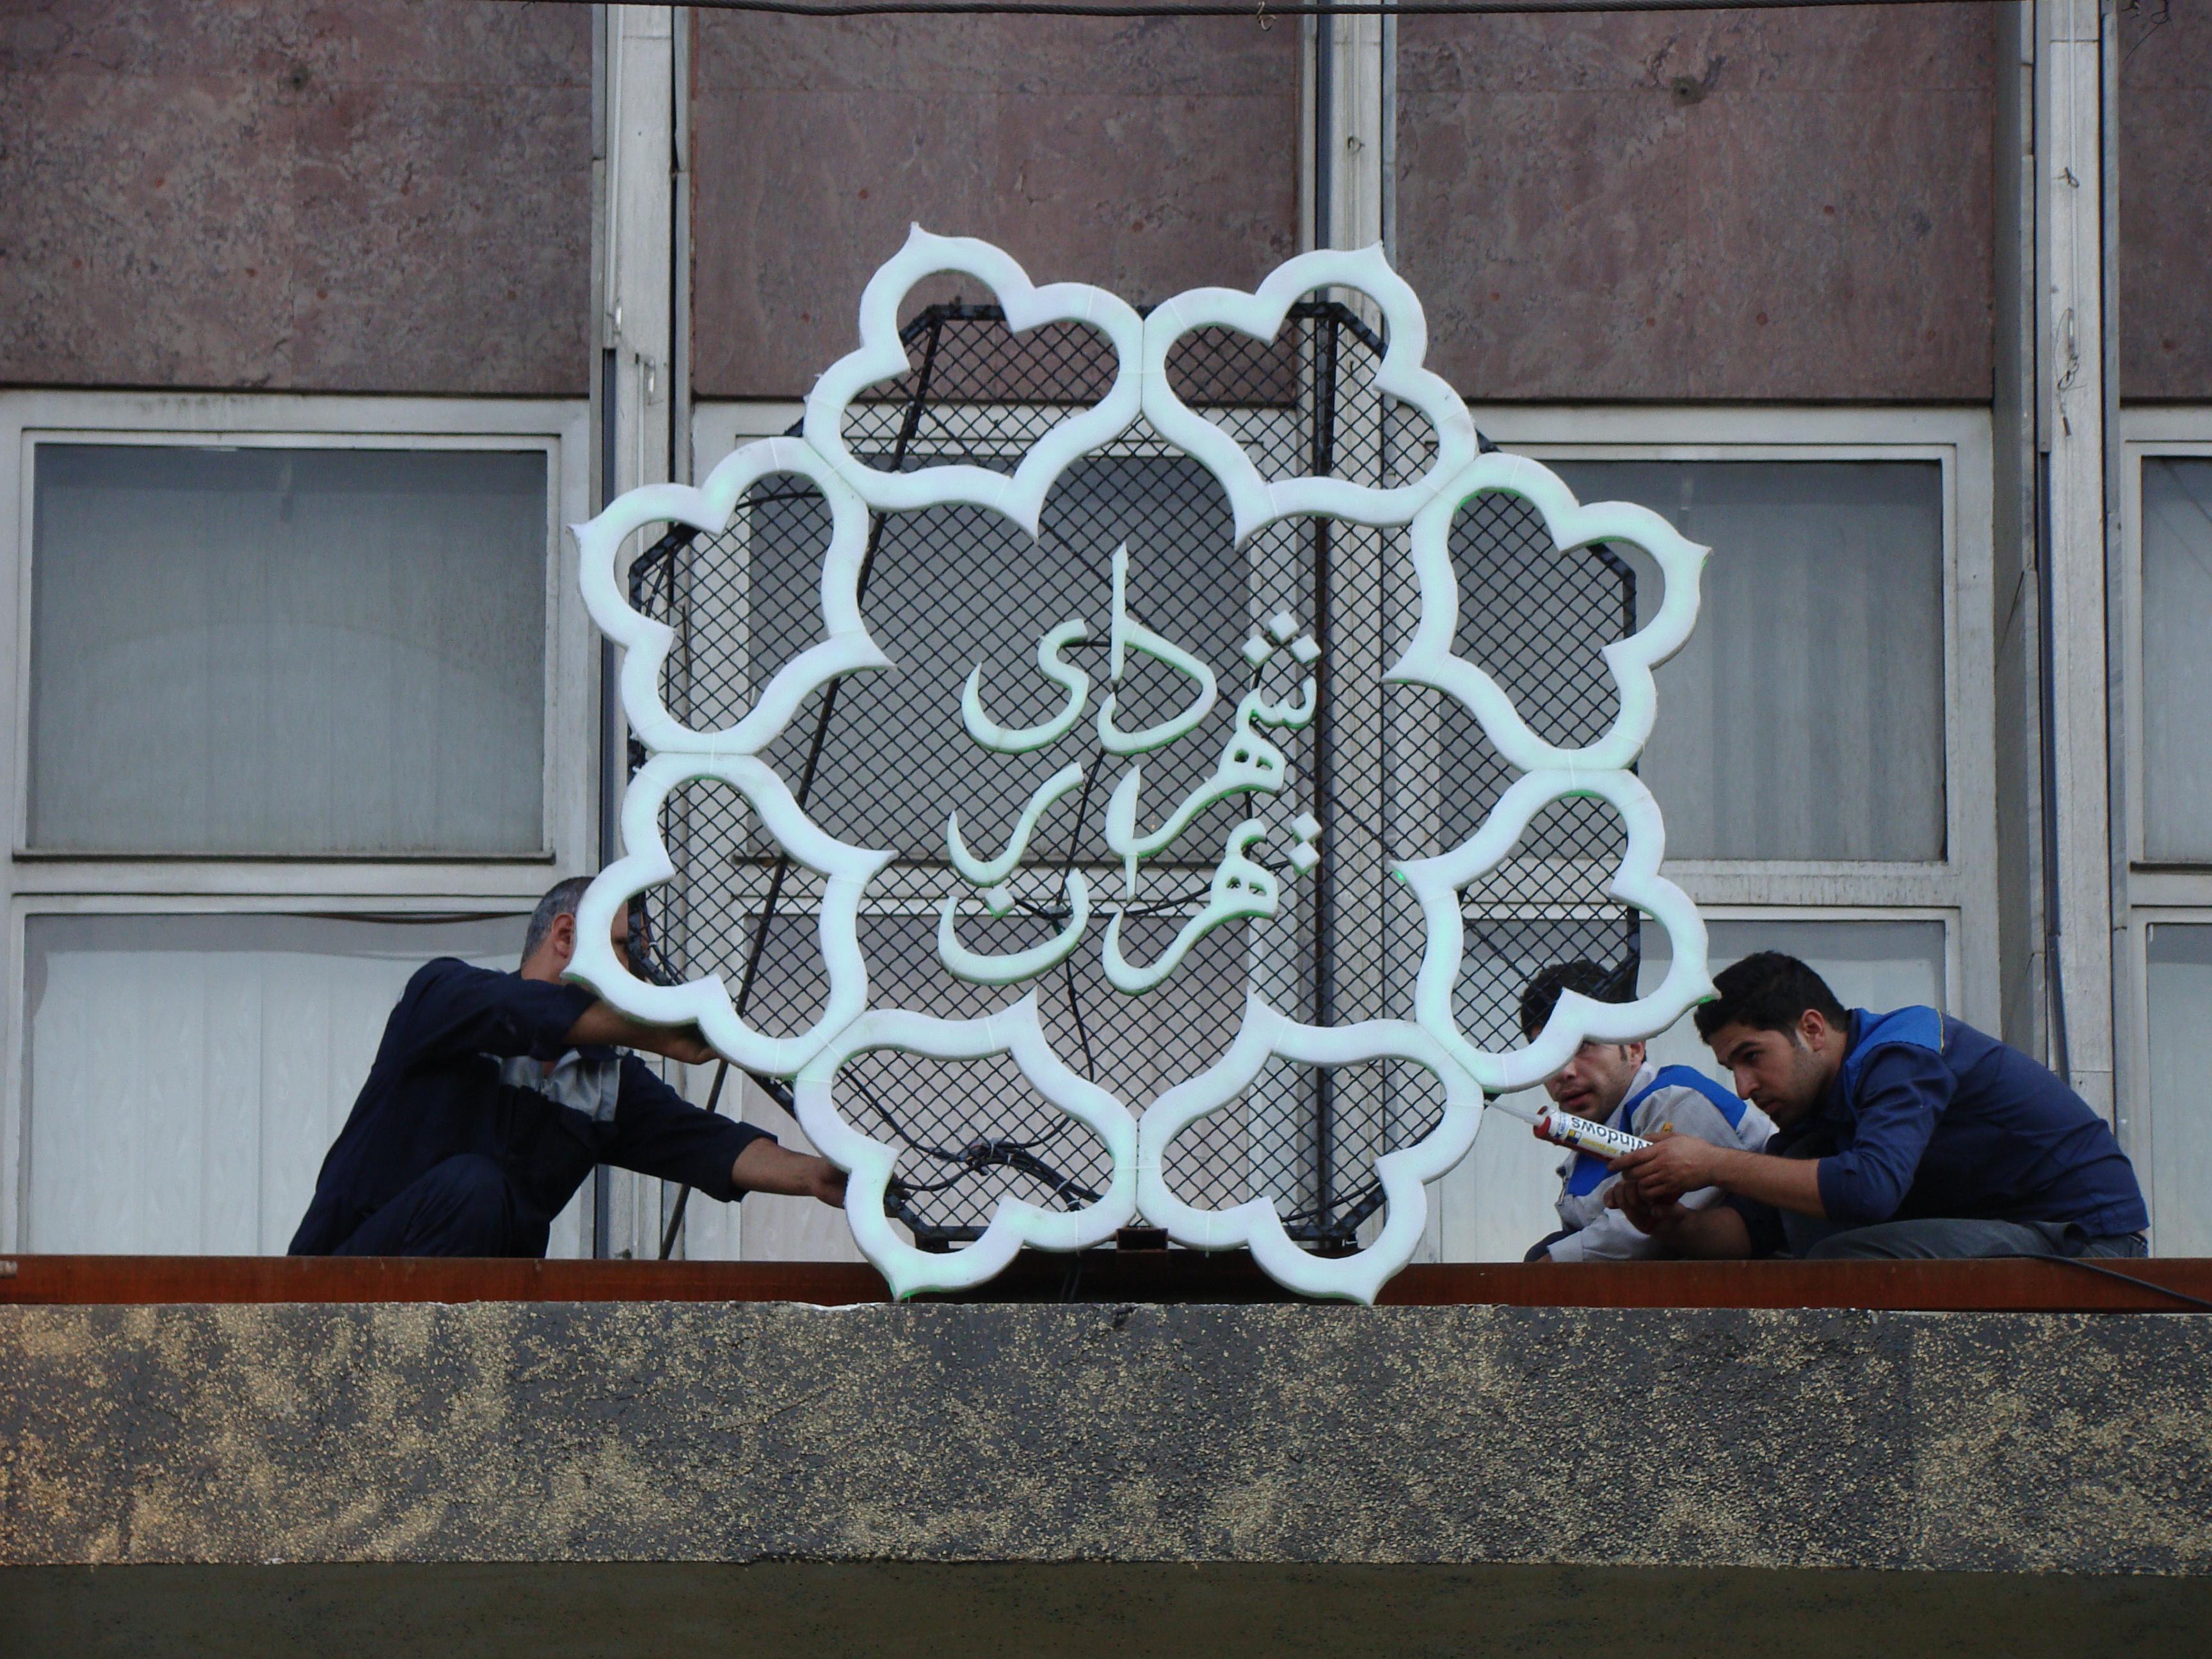 آیا می توان به تدبیر شهردار جدید تهران امید داشت؟